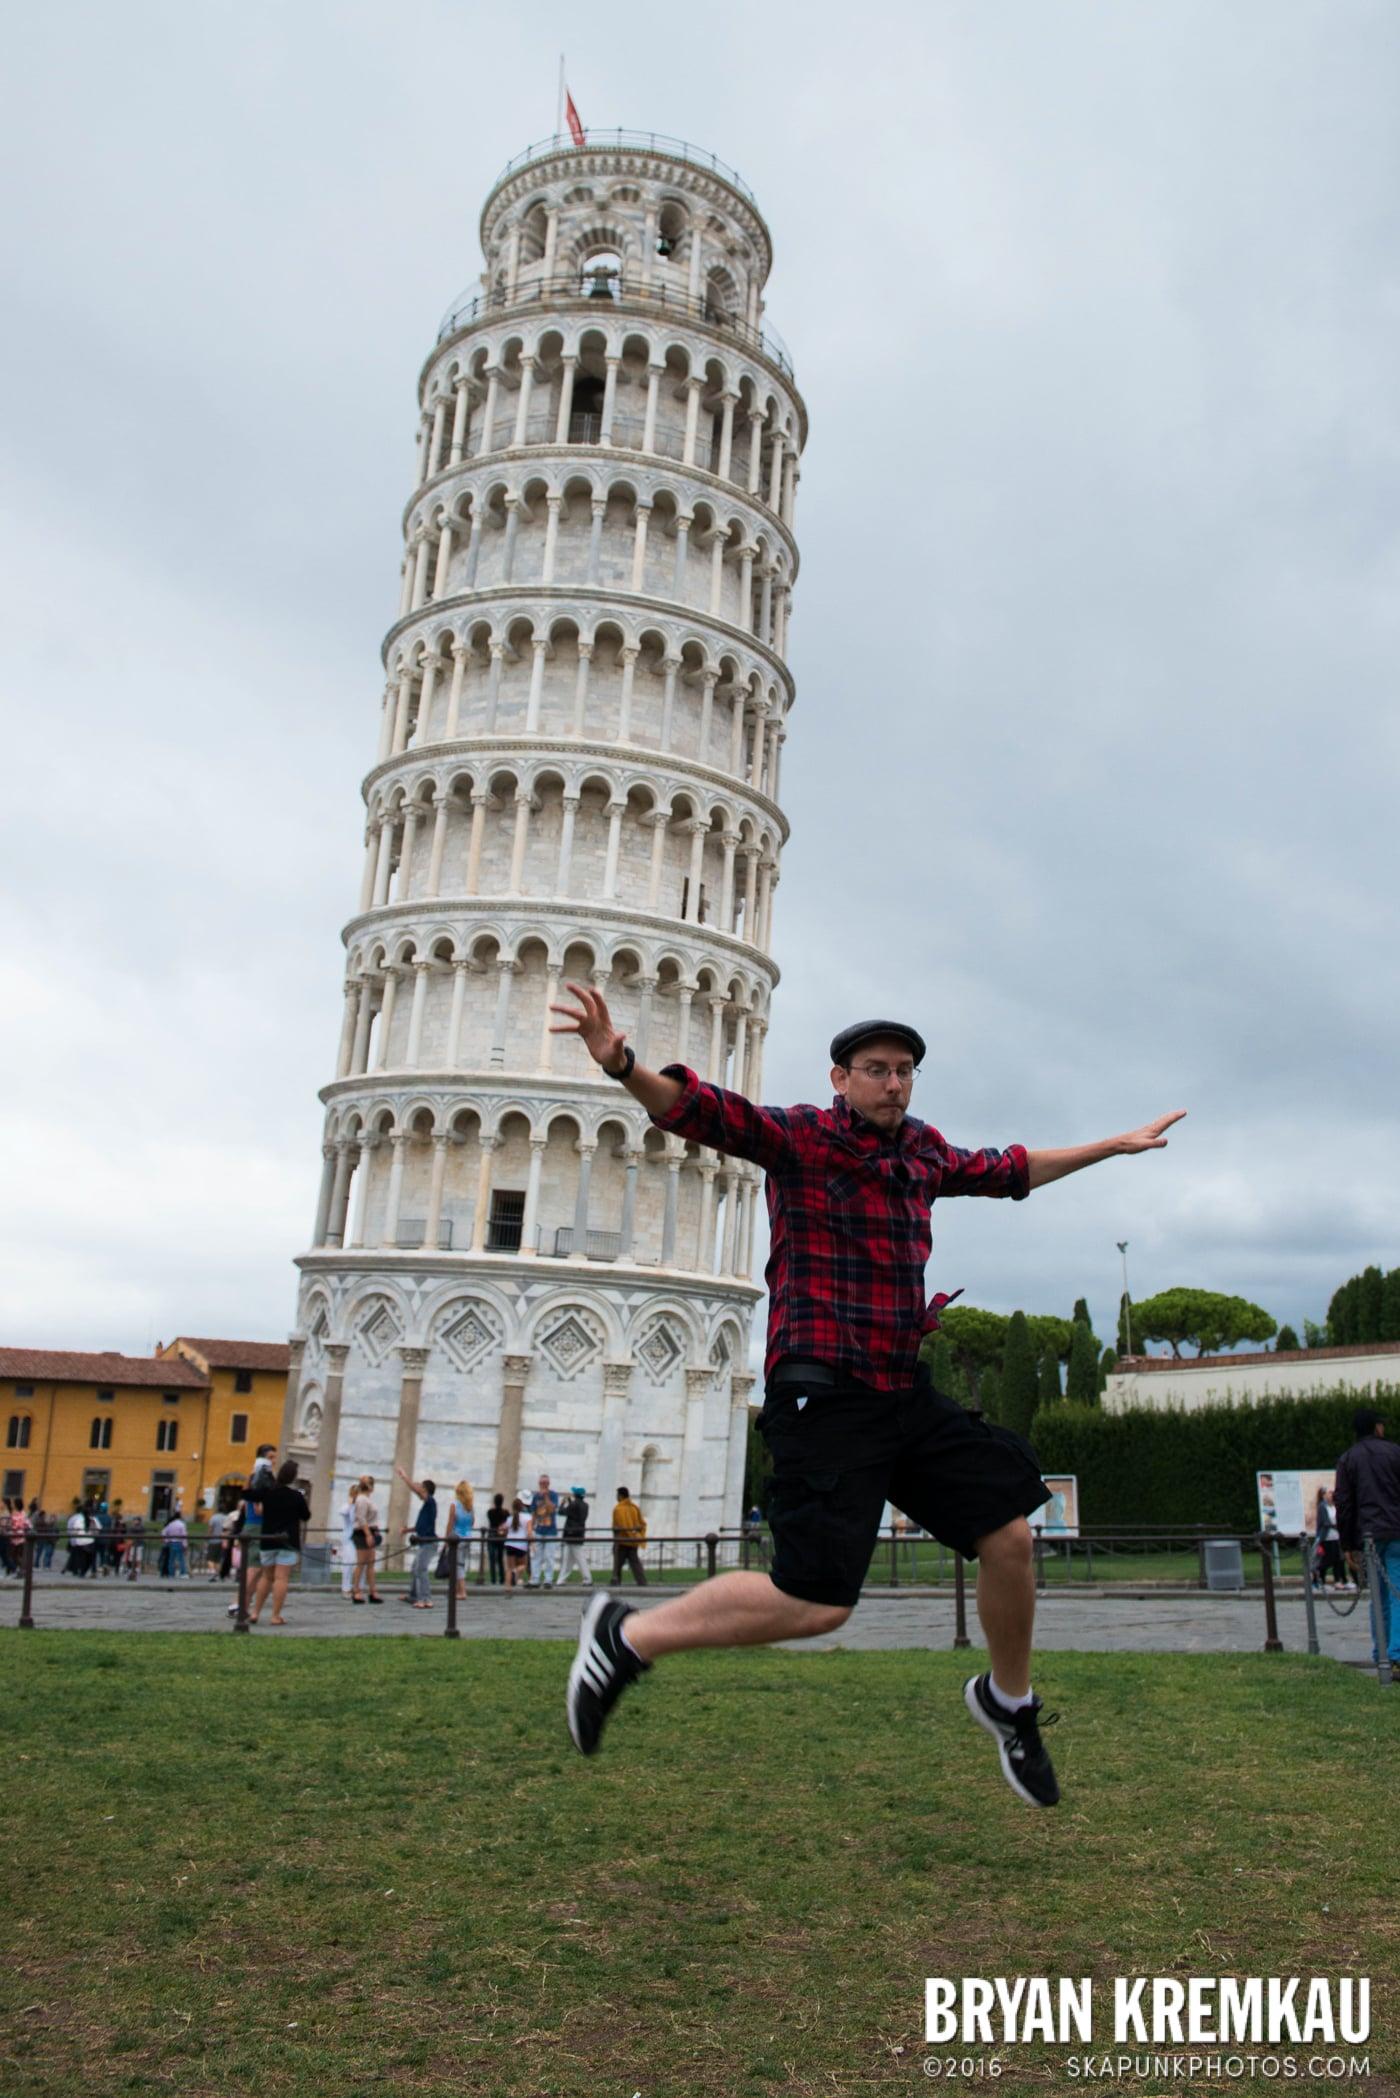 Italy Vacation - Day 8: Siena, San Gimignano, Chianti, Pisa - 9.16.13 (23)